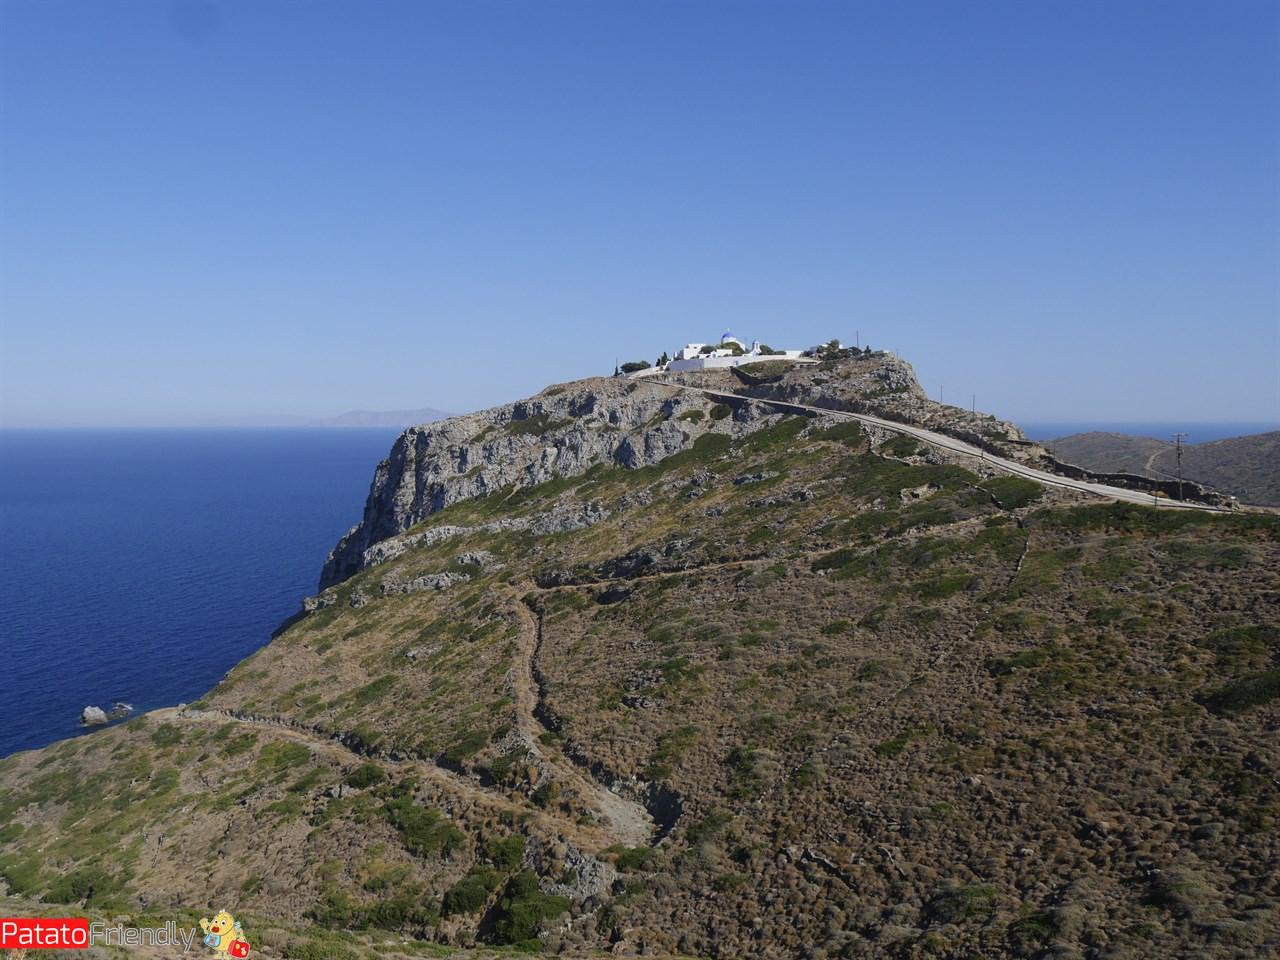 Oltre Mikonos e Santorini: vacanza nelle Cicladi sull'isola di...